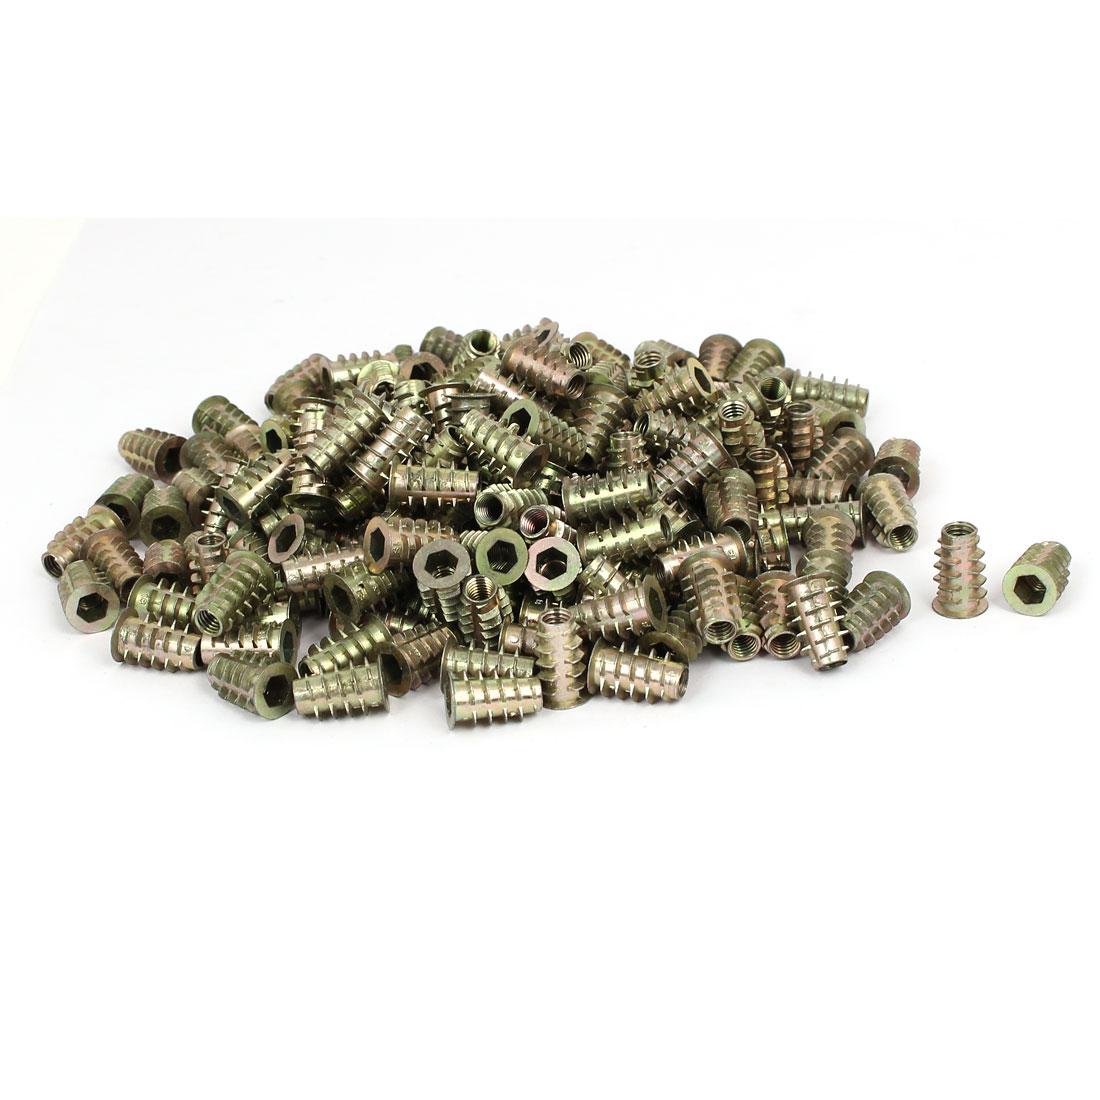 M6 x 18mm Hex Socket Head Insert Screws E-Nuts Furniture Fittings 200pcs